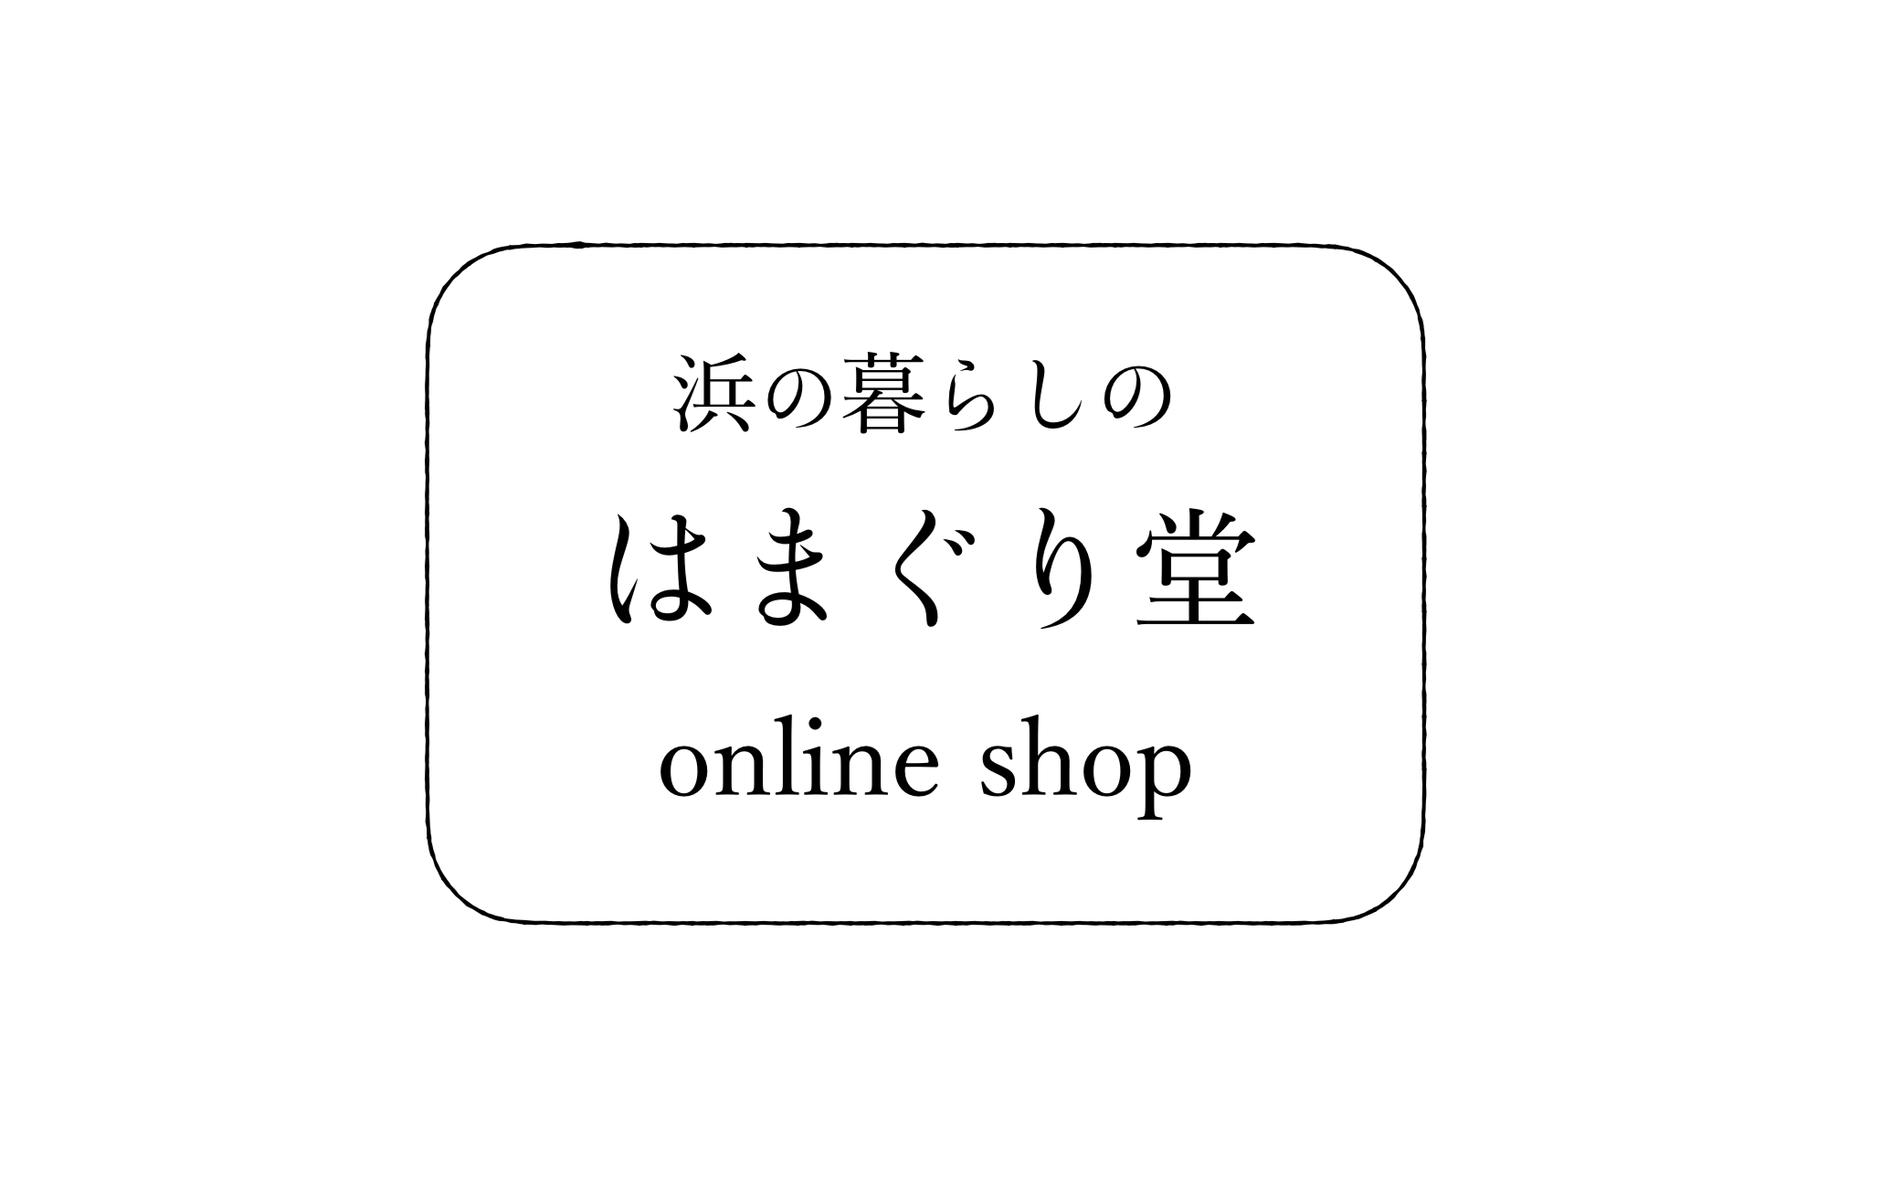 はまぐり堂 online shop